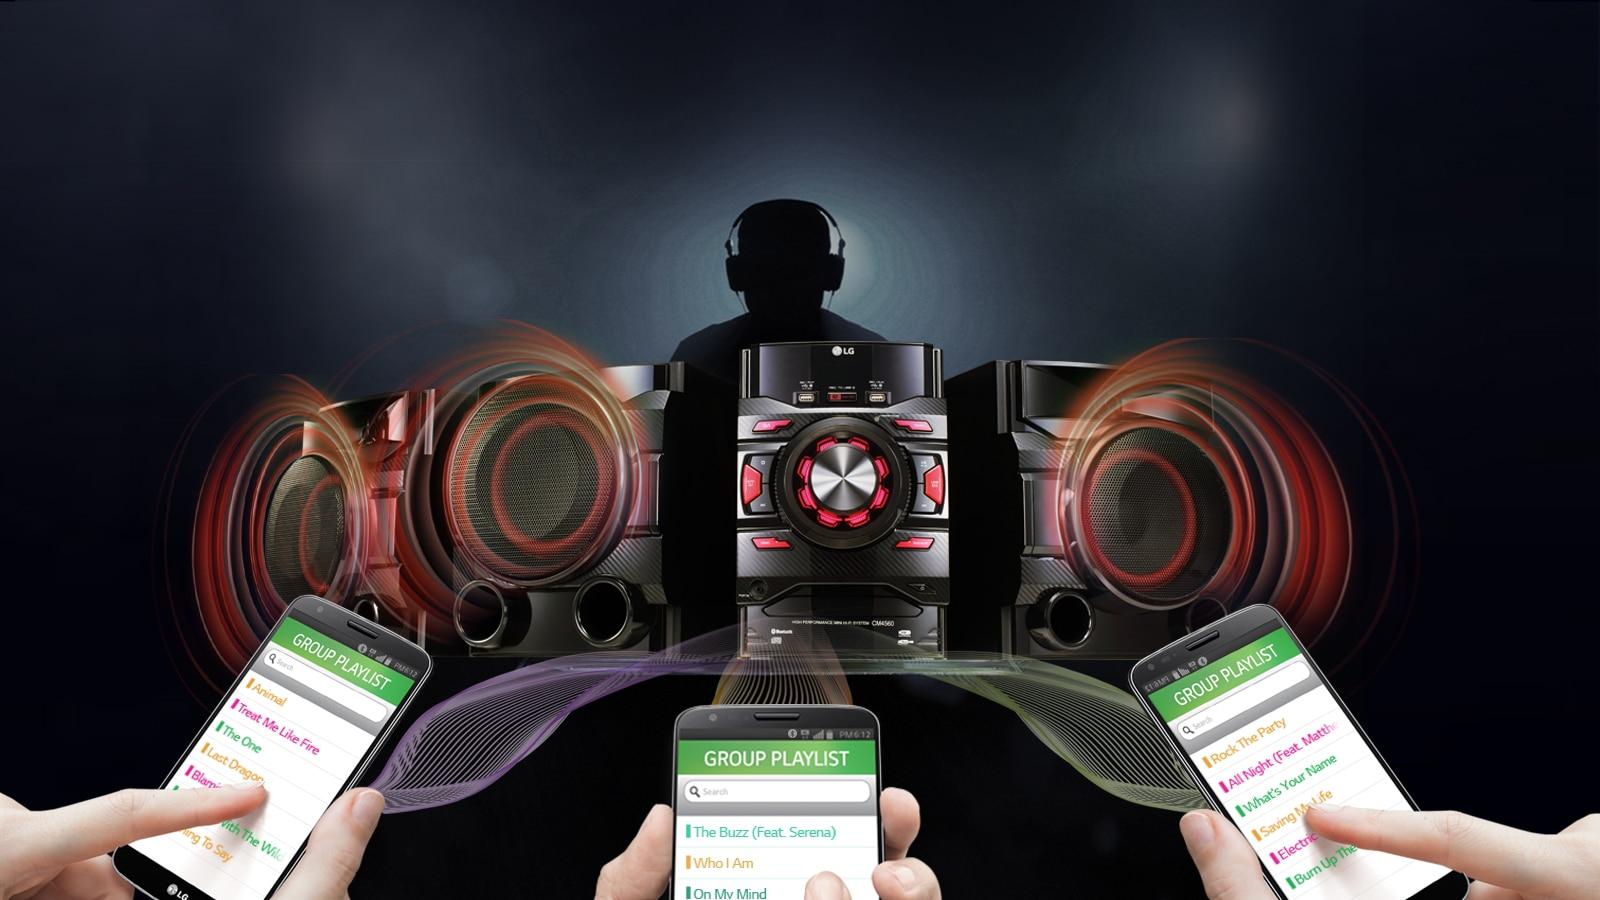 Multi Jukebox